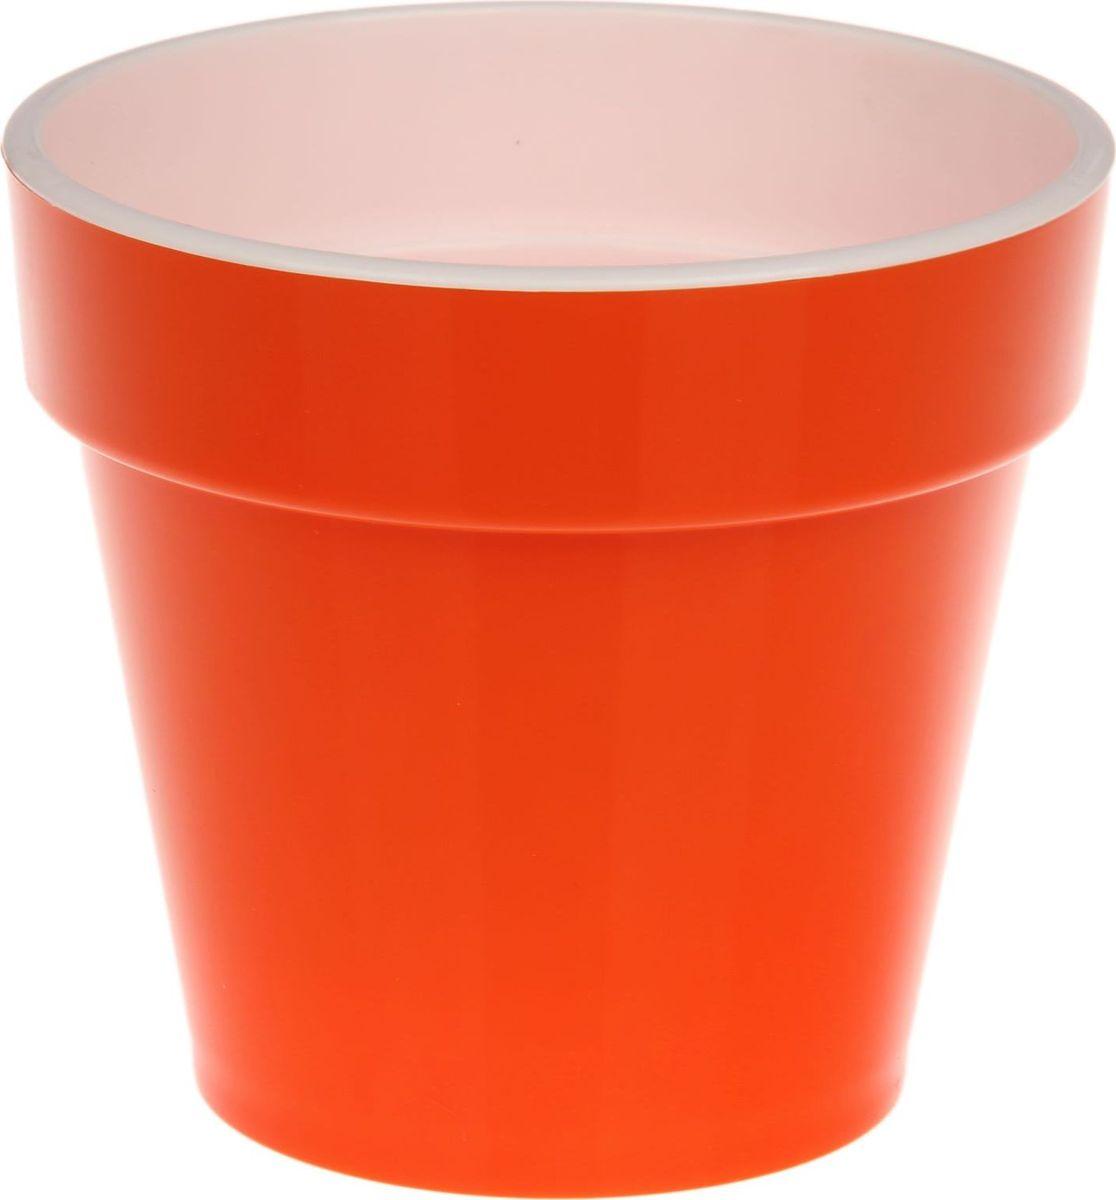 Кашпо JetPlast Порто, со вставкой, цвет: оранжевый, 6 л531-401Кашпо Порто классической формы с внутренней вставкой-горшком. Дренажная вставка позволяет легко поливать растения без использования дополнительного поддона. Вместительный объем кашпо позволяет высаживать самые разнообразные растения, а съемная вставка избавит вас от грязи и подчеркнет красоту цветка. Оно изготовлено из прочного полипропилена (пластика). Такое кашпо порадует вас функциональностью, а благодаря лаконичному дизайну впишется в любой интерьер помещения. Объем кашпо: 6 л.